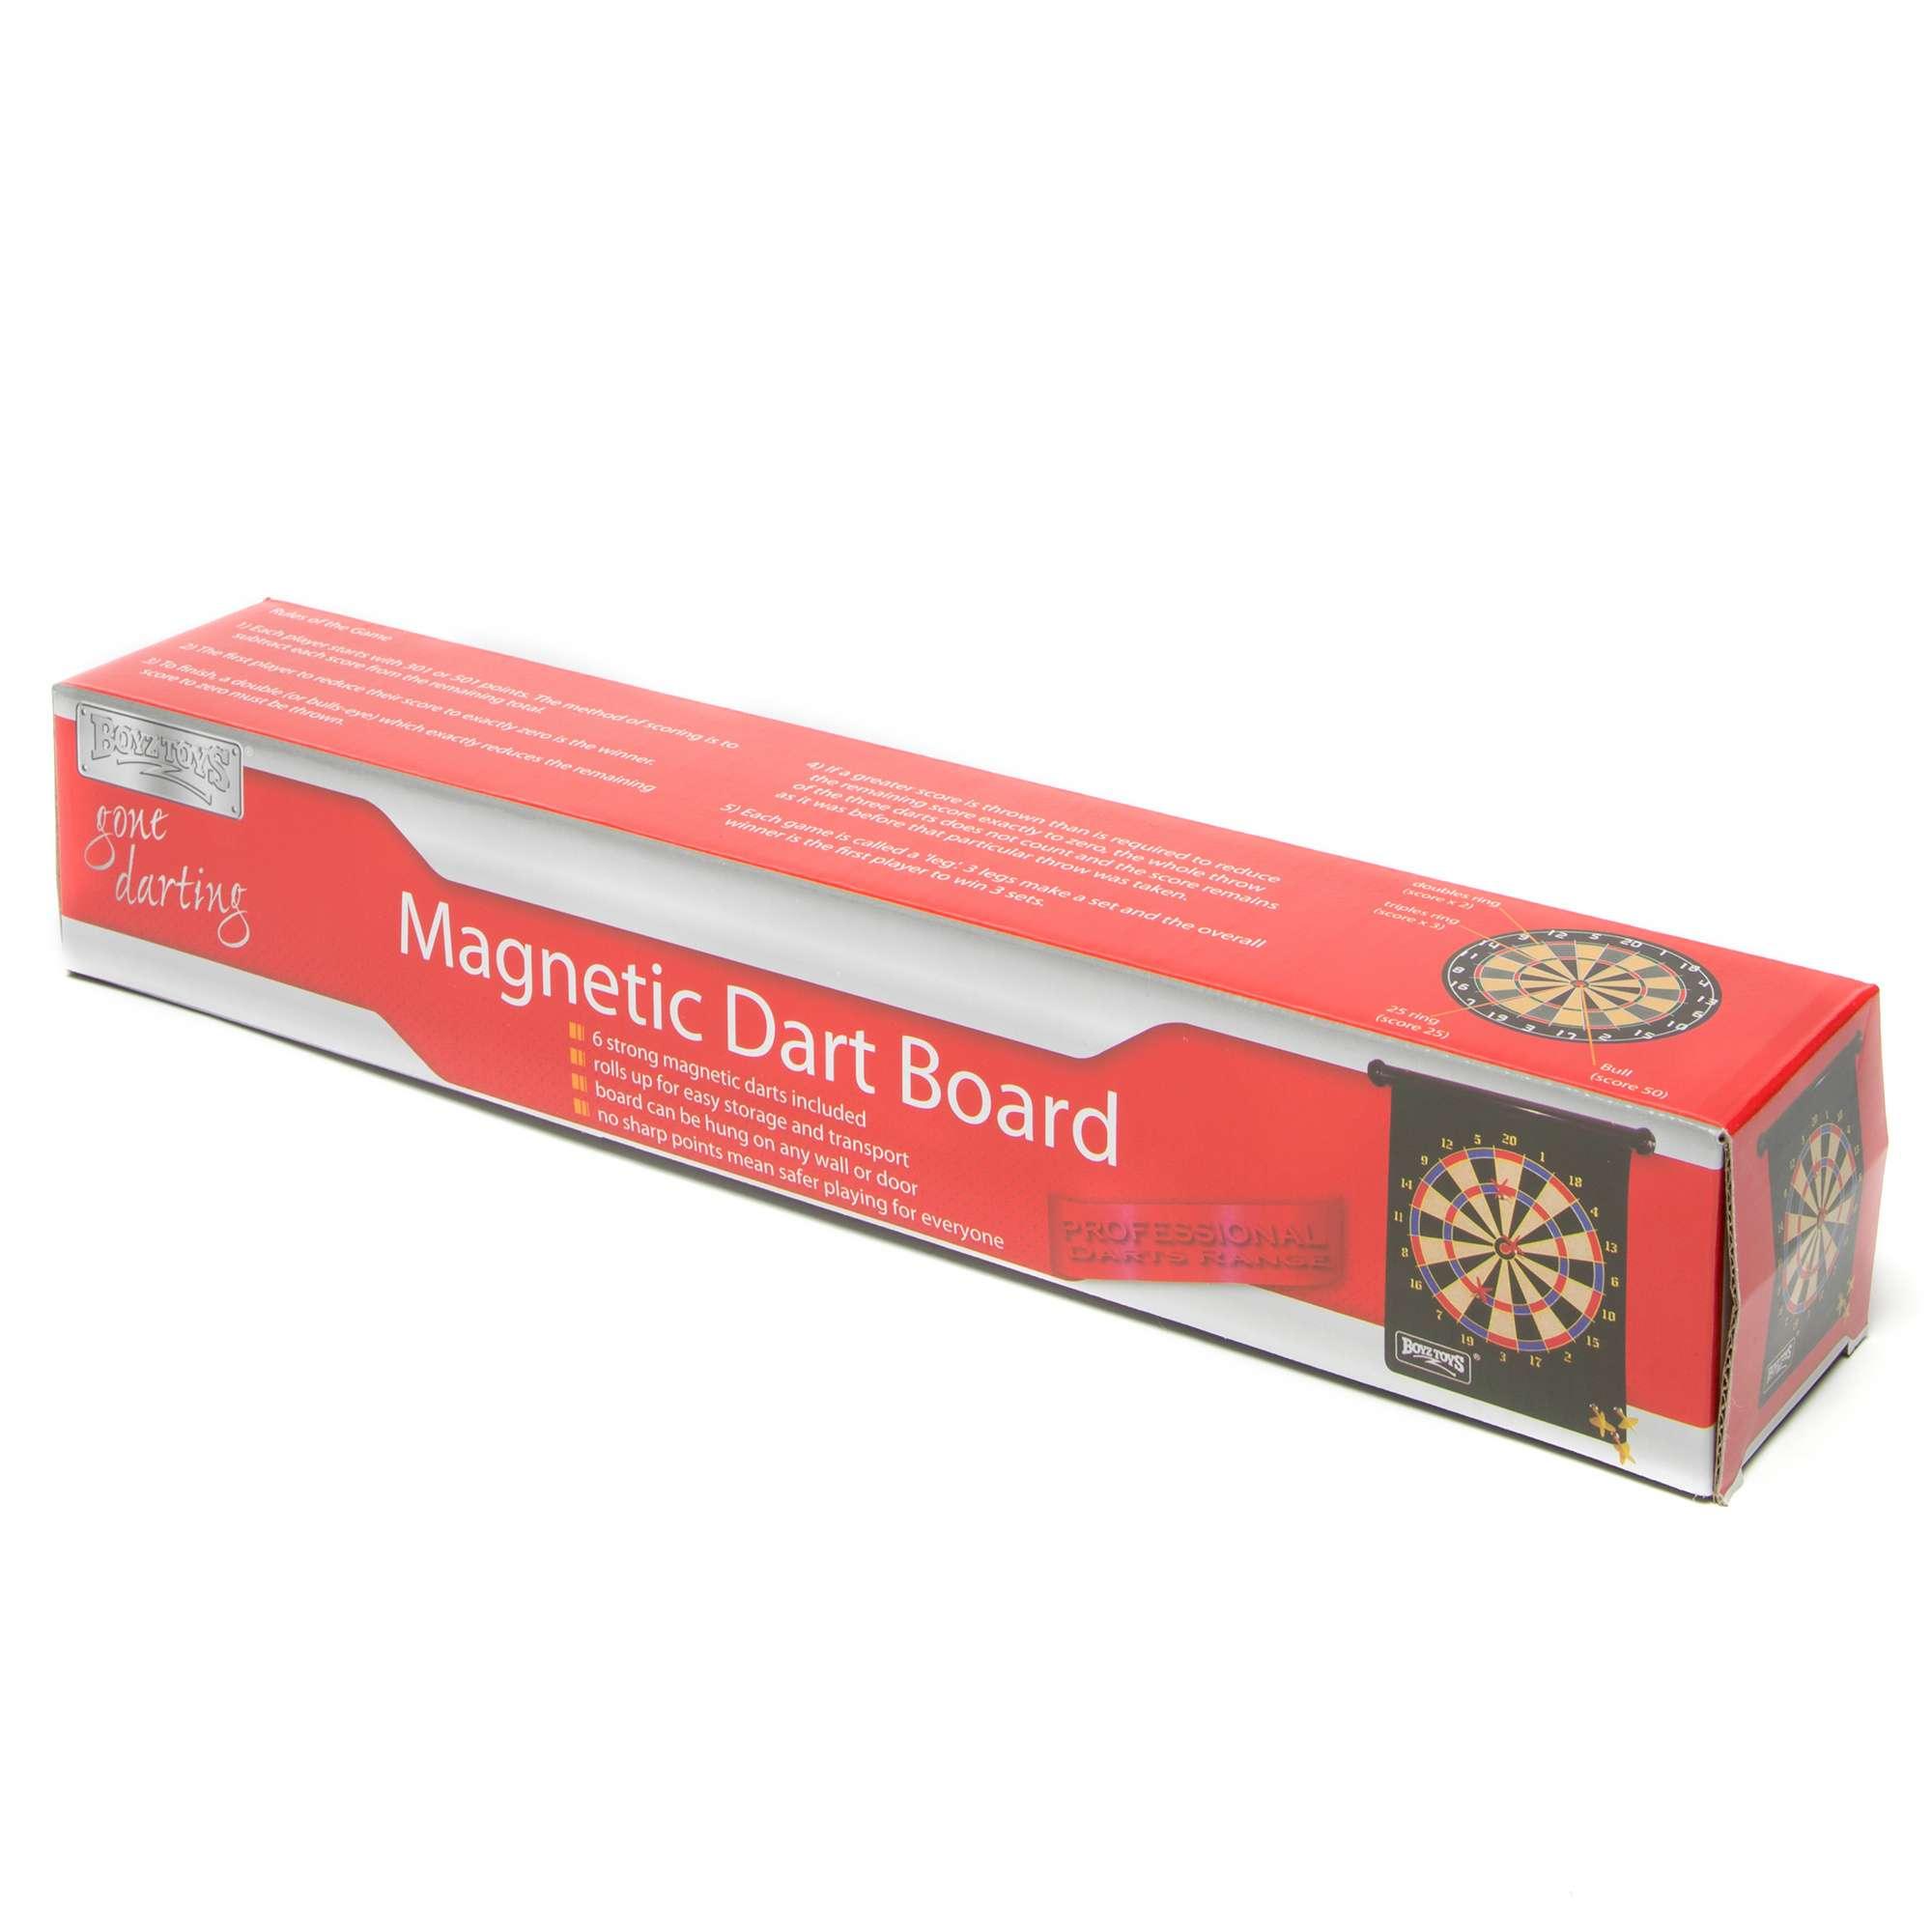 BOYZ TOYS Magnetic Dartboard